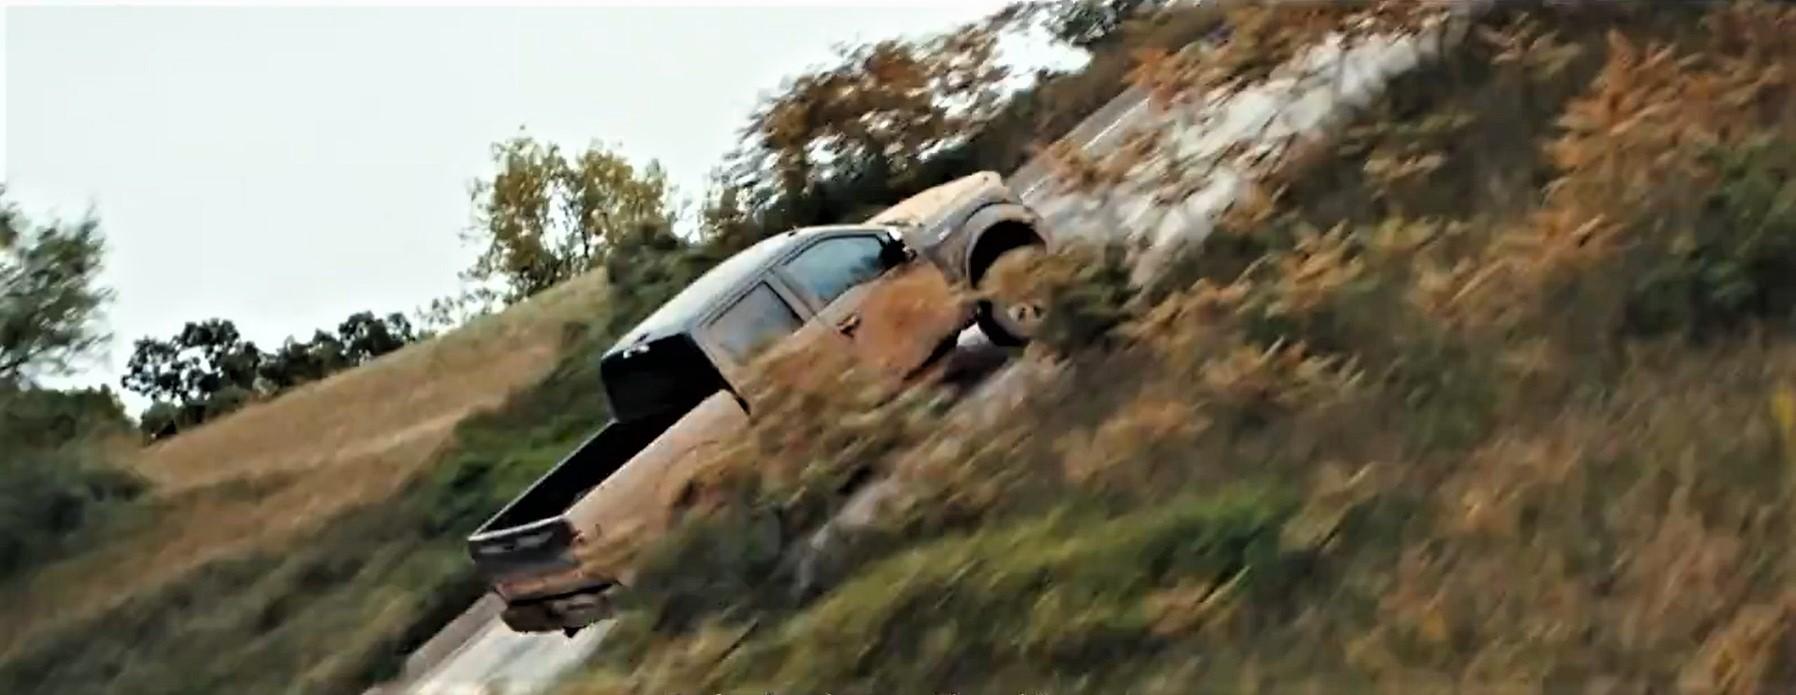 Ford подтвердил заявления об электрическом F-150 как `` настоящий рабочий грузовик '' ярким тизерным видео